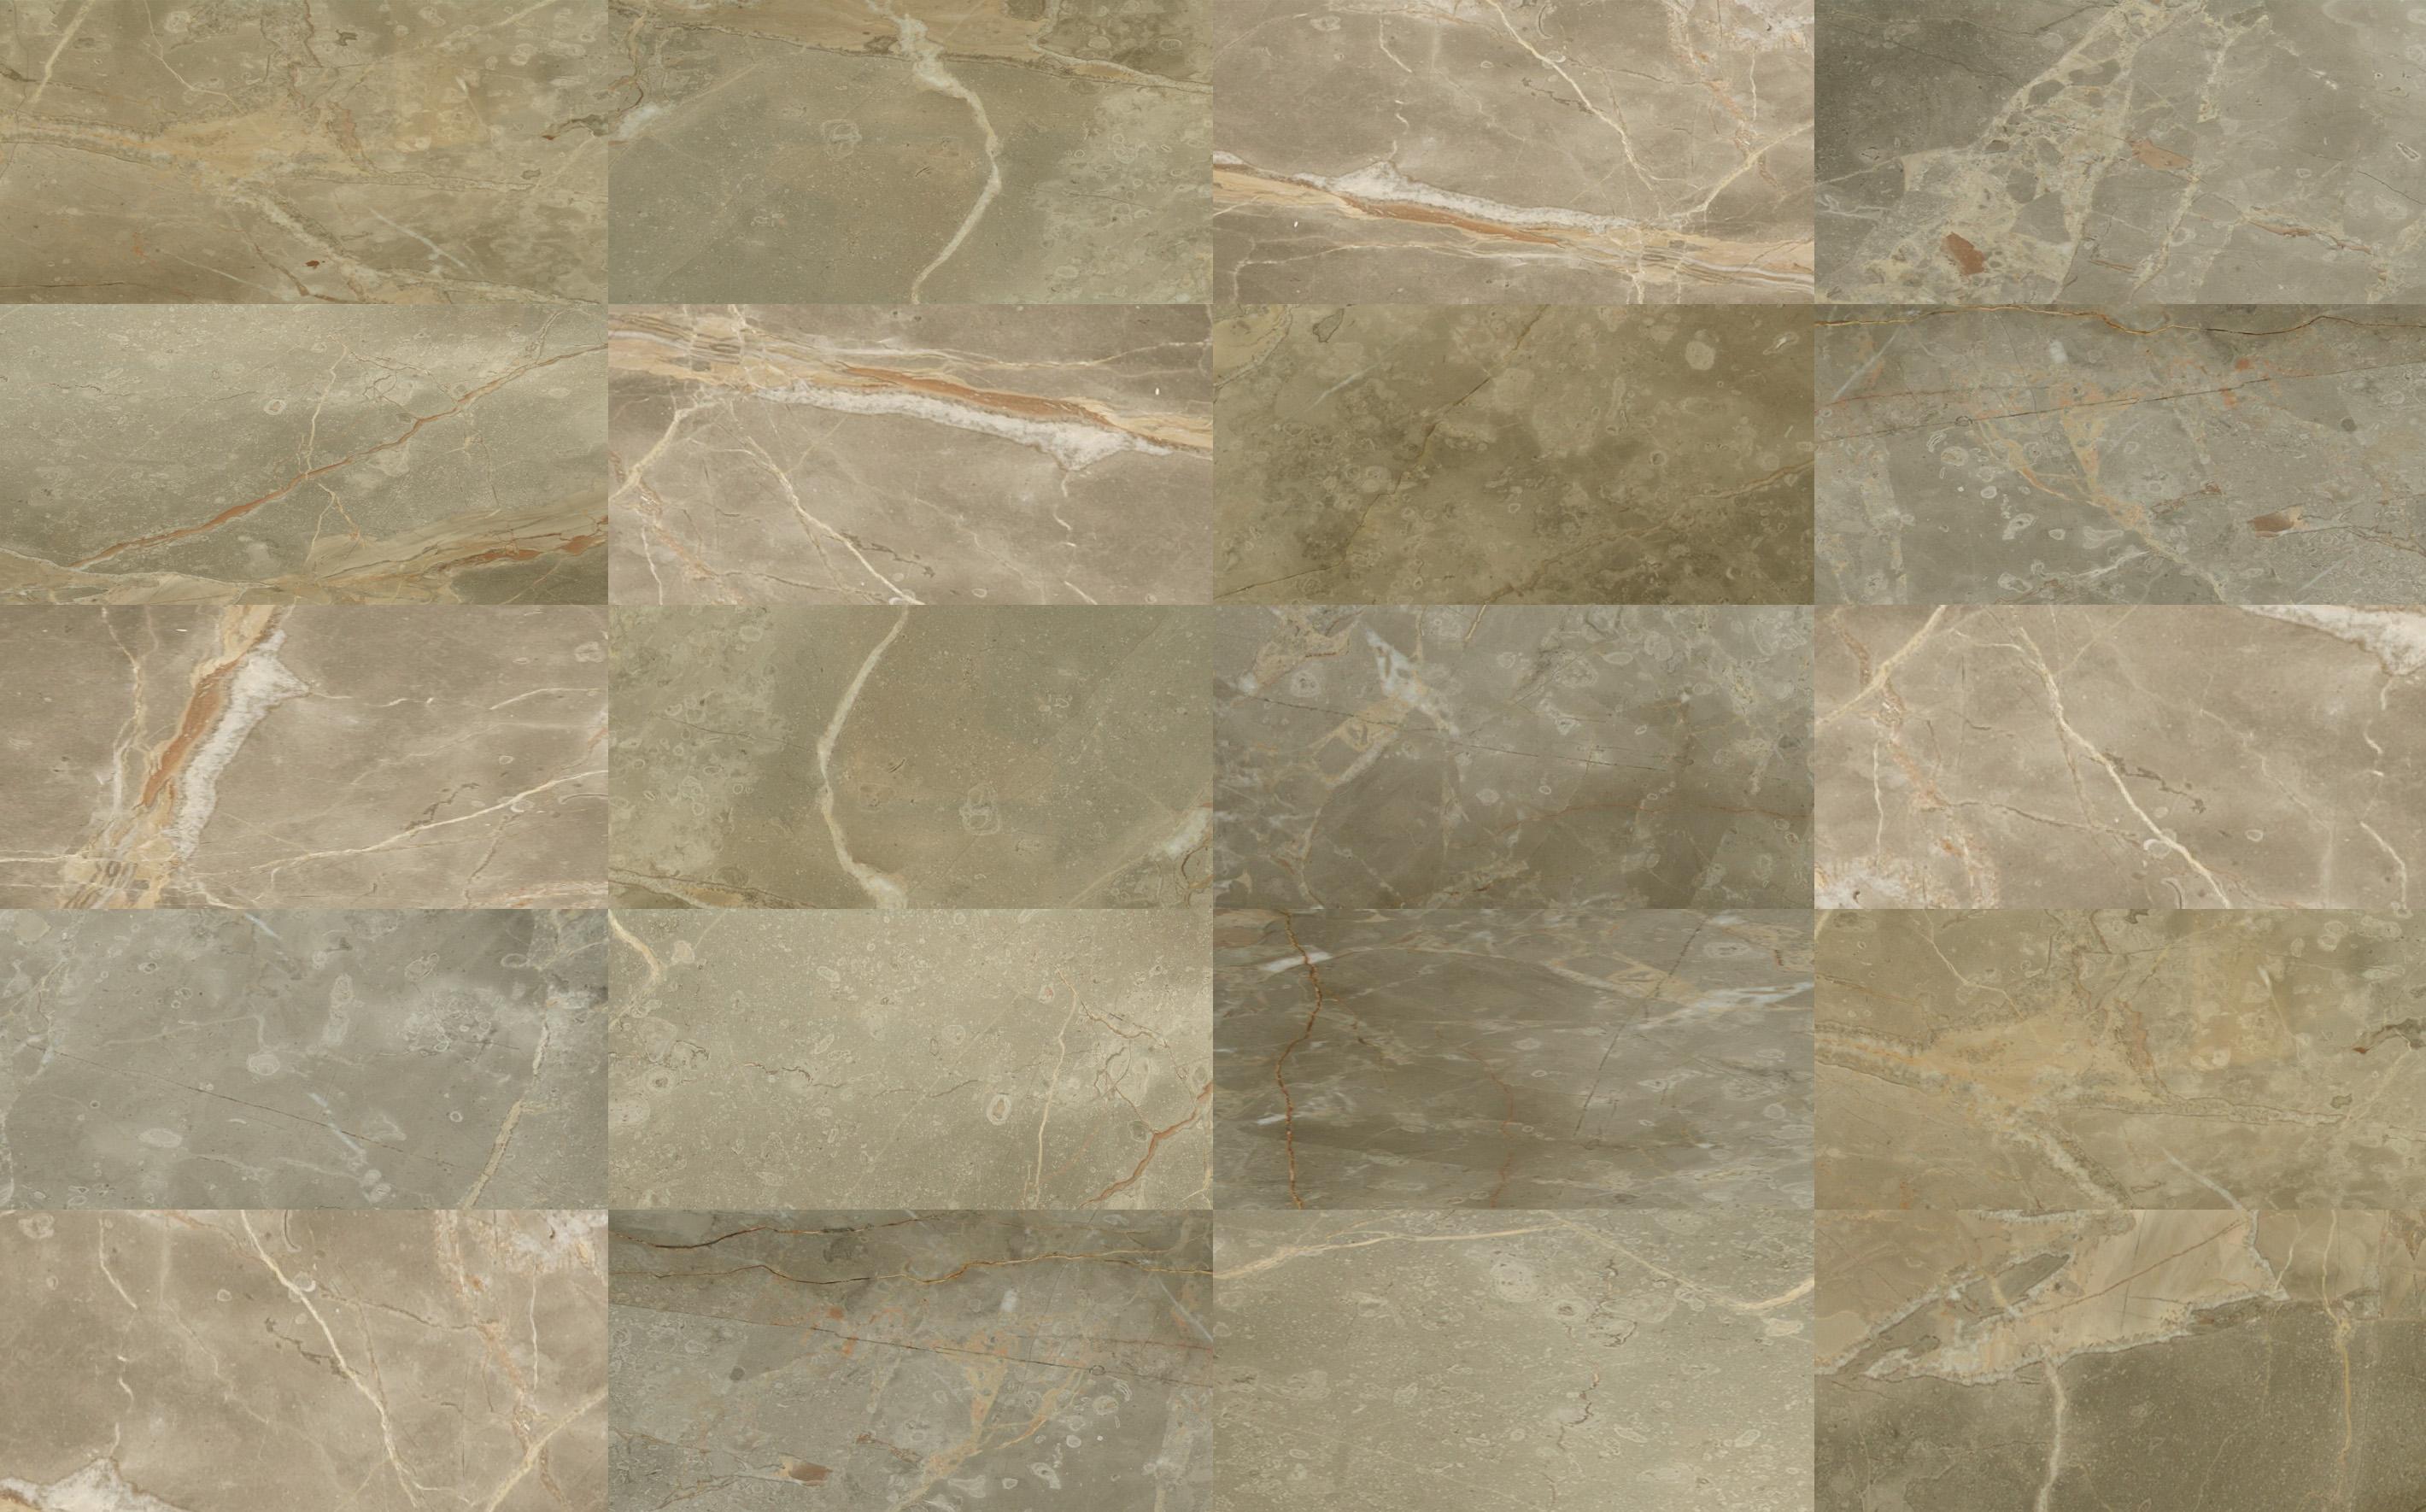 Texture marmo g textures e immagini hdri treddi il